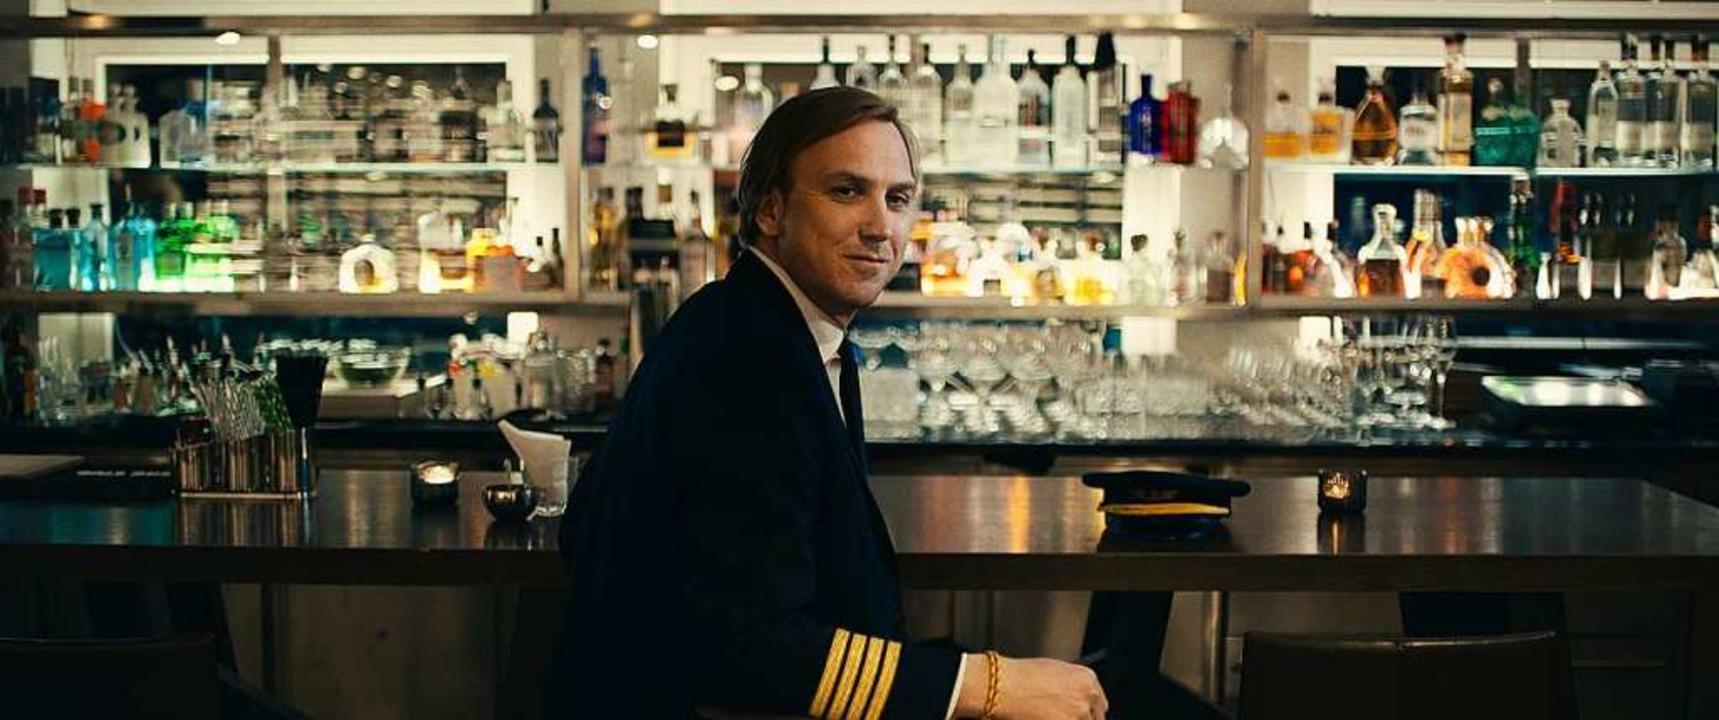 Stefan (Lars Eidinger) weiß, worauf Fr...ich auf eine Pilotenuniform<ppp></ppp>  | Foto: Jens Harant / Port au Prince Pictures